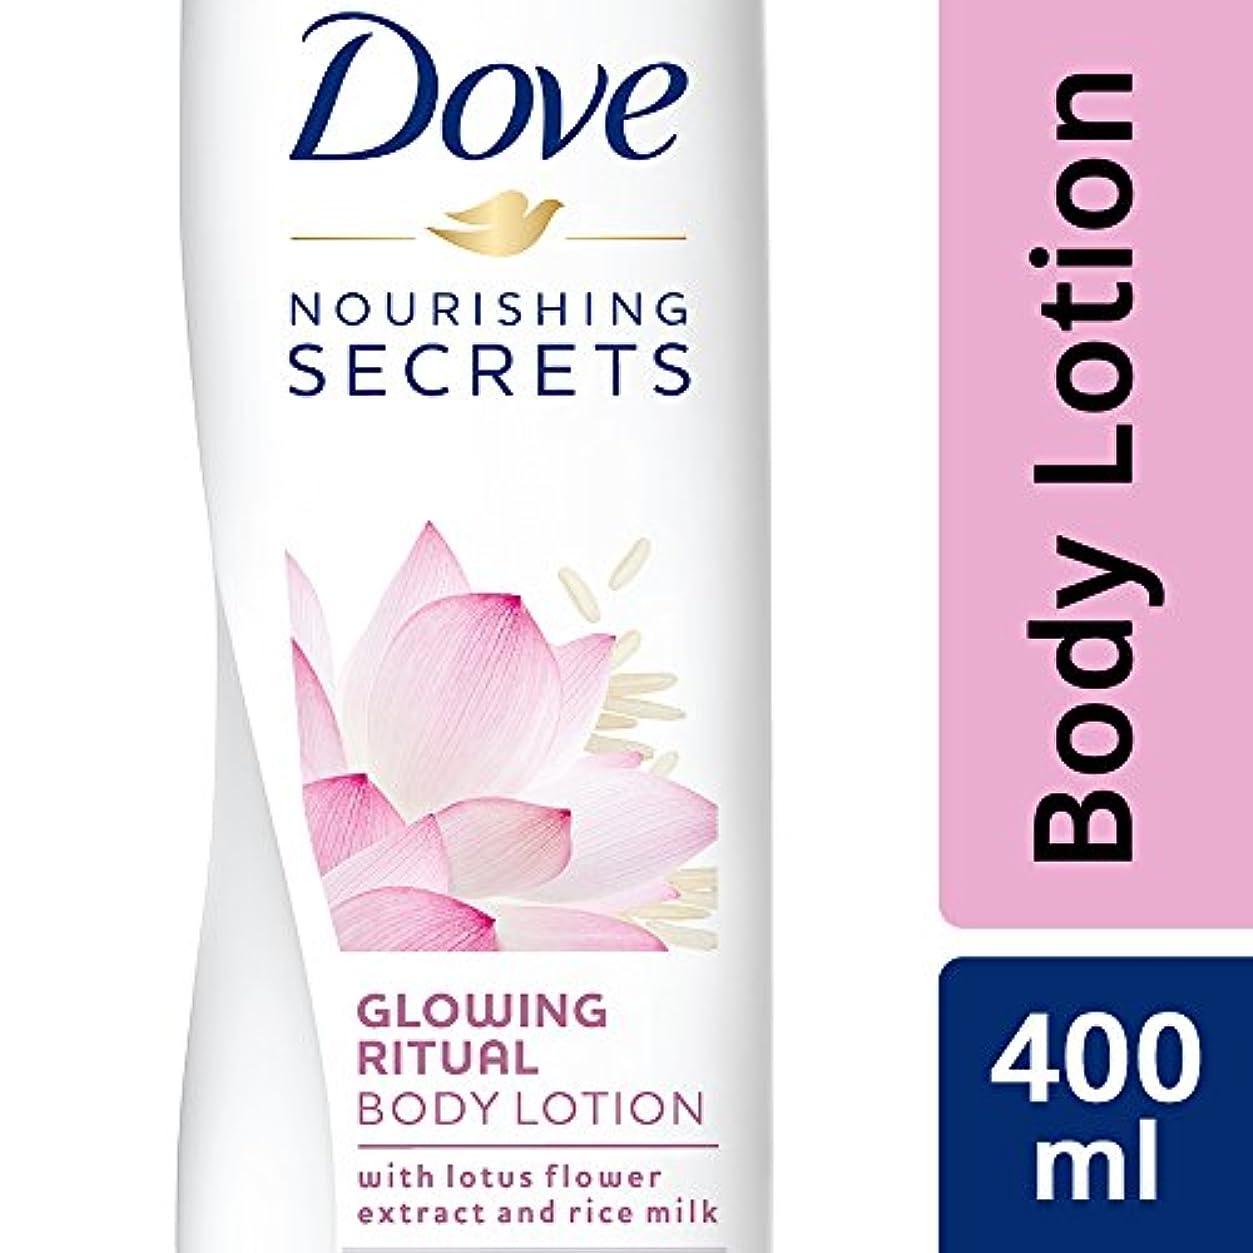 秘書コール受け入れるDove Glowing Ritual Body Lotion, 400ml (Lotus flower and rice milk)